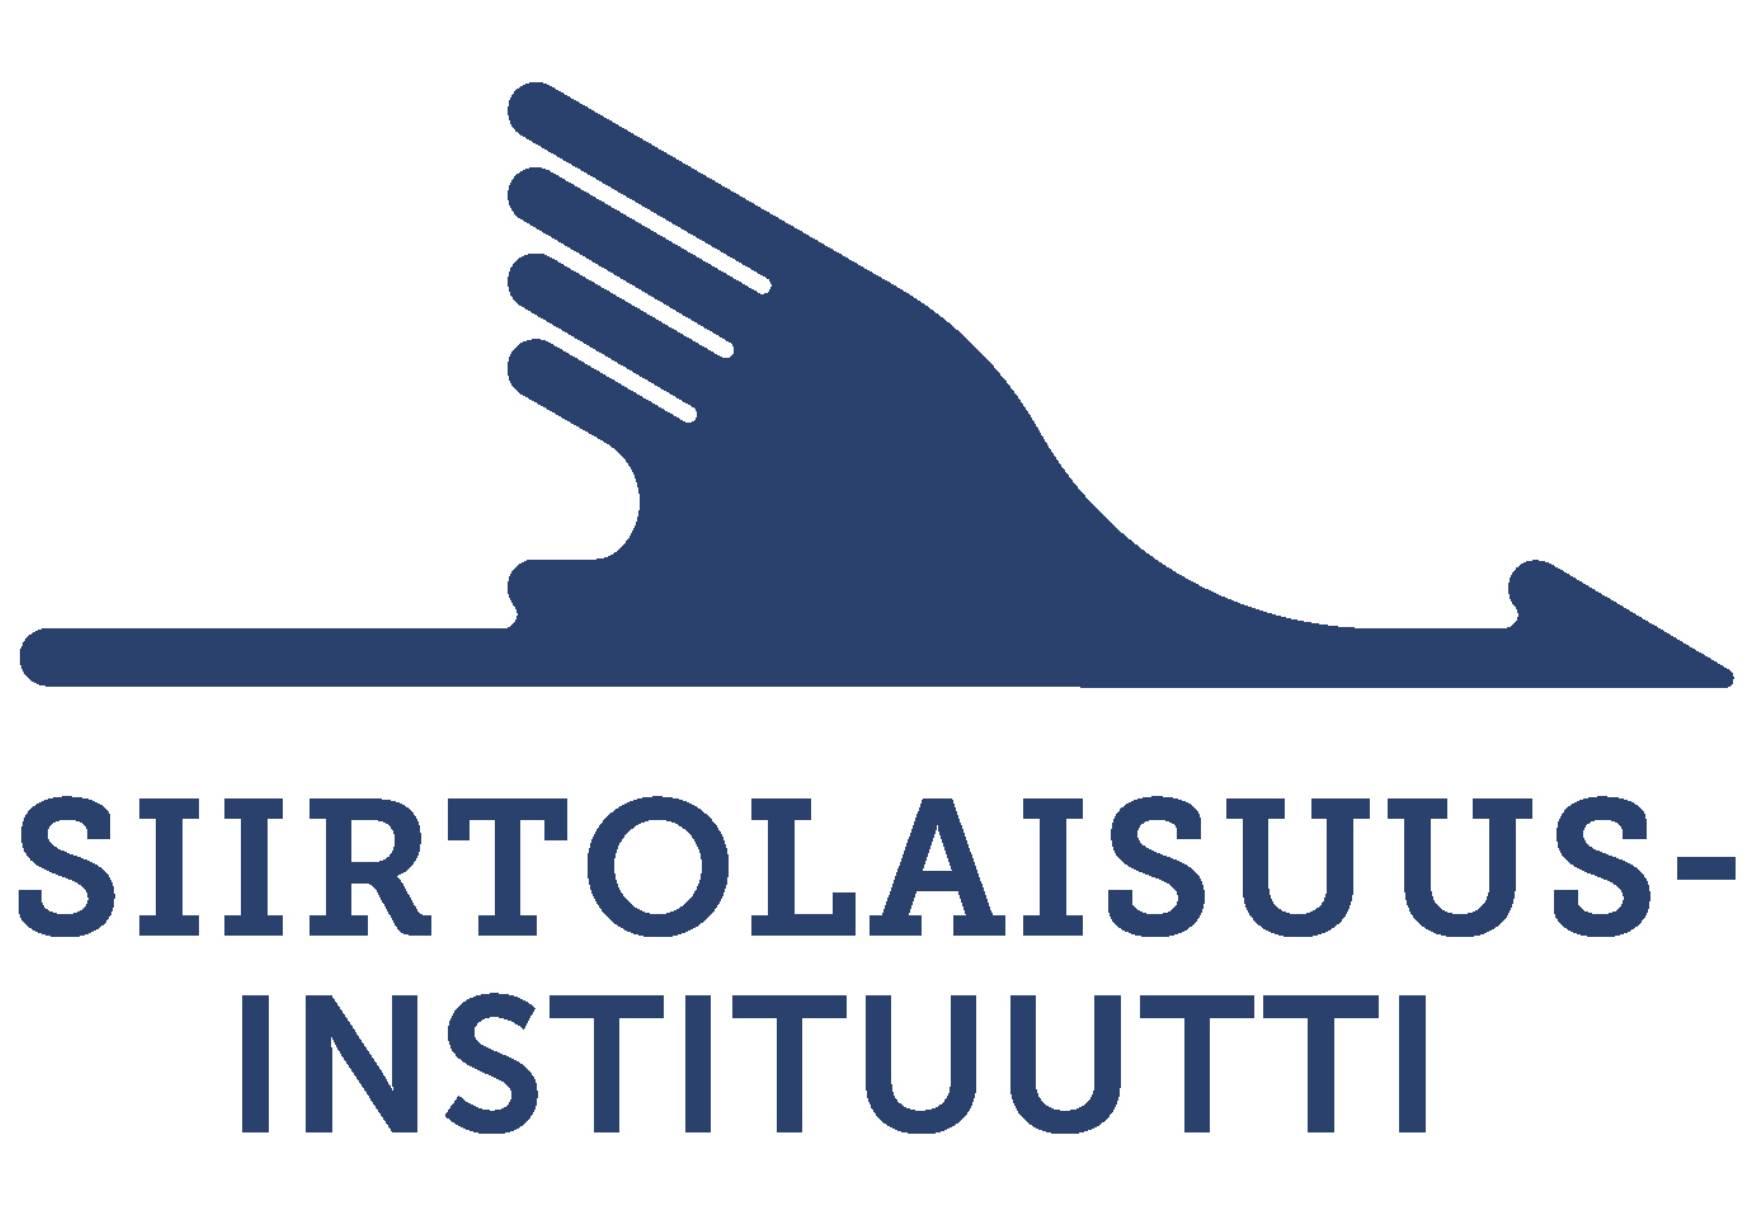 Siirtolaisuusinstituutti logo